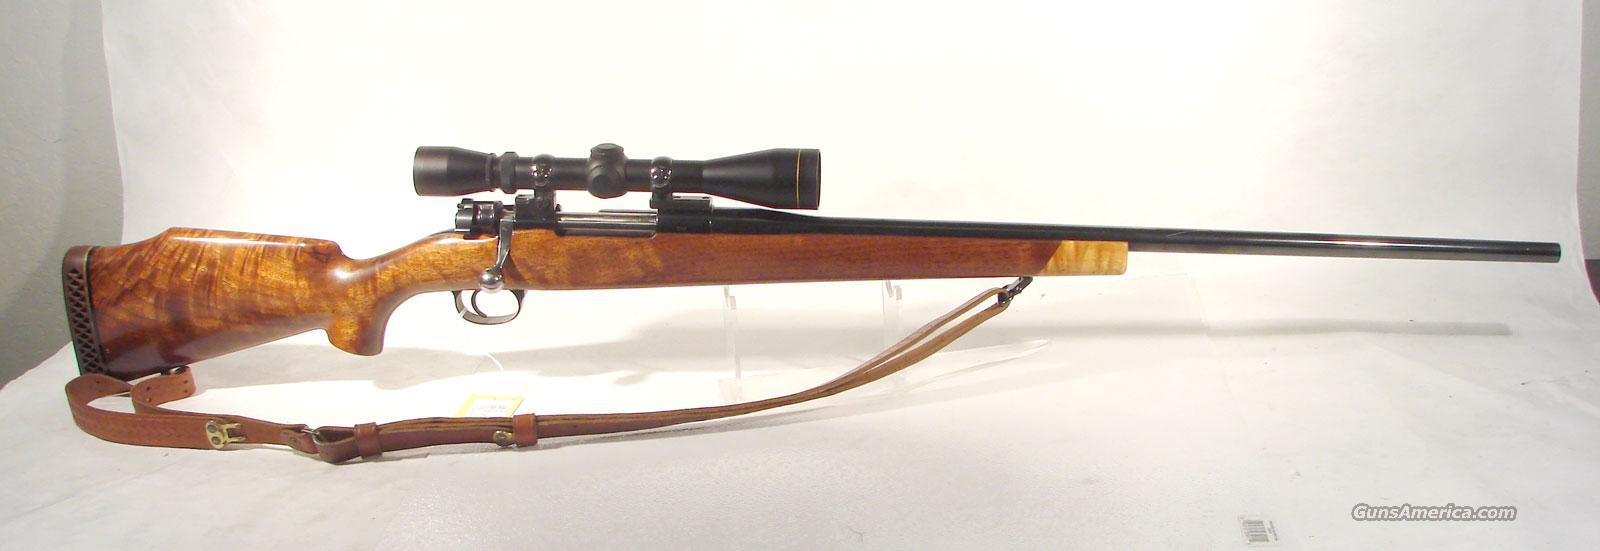 FN Mauser Bolt action Model 96 30-06